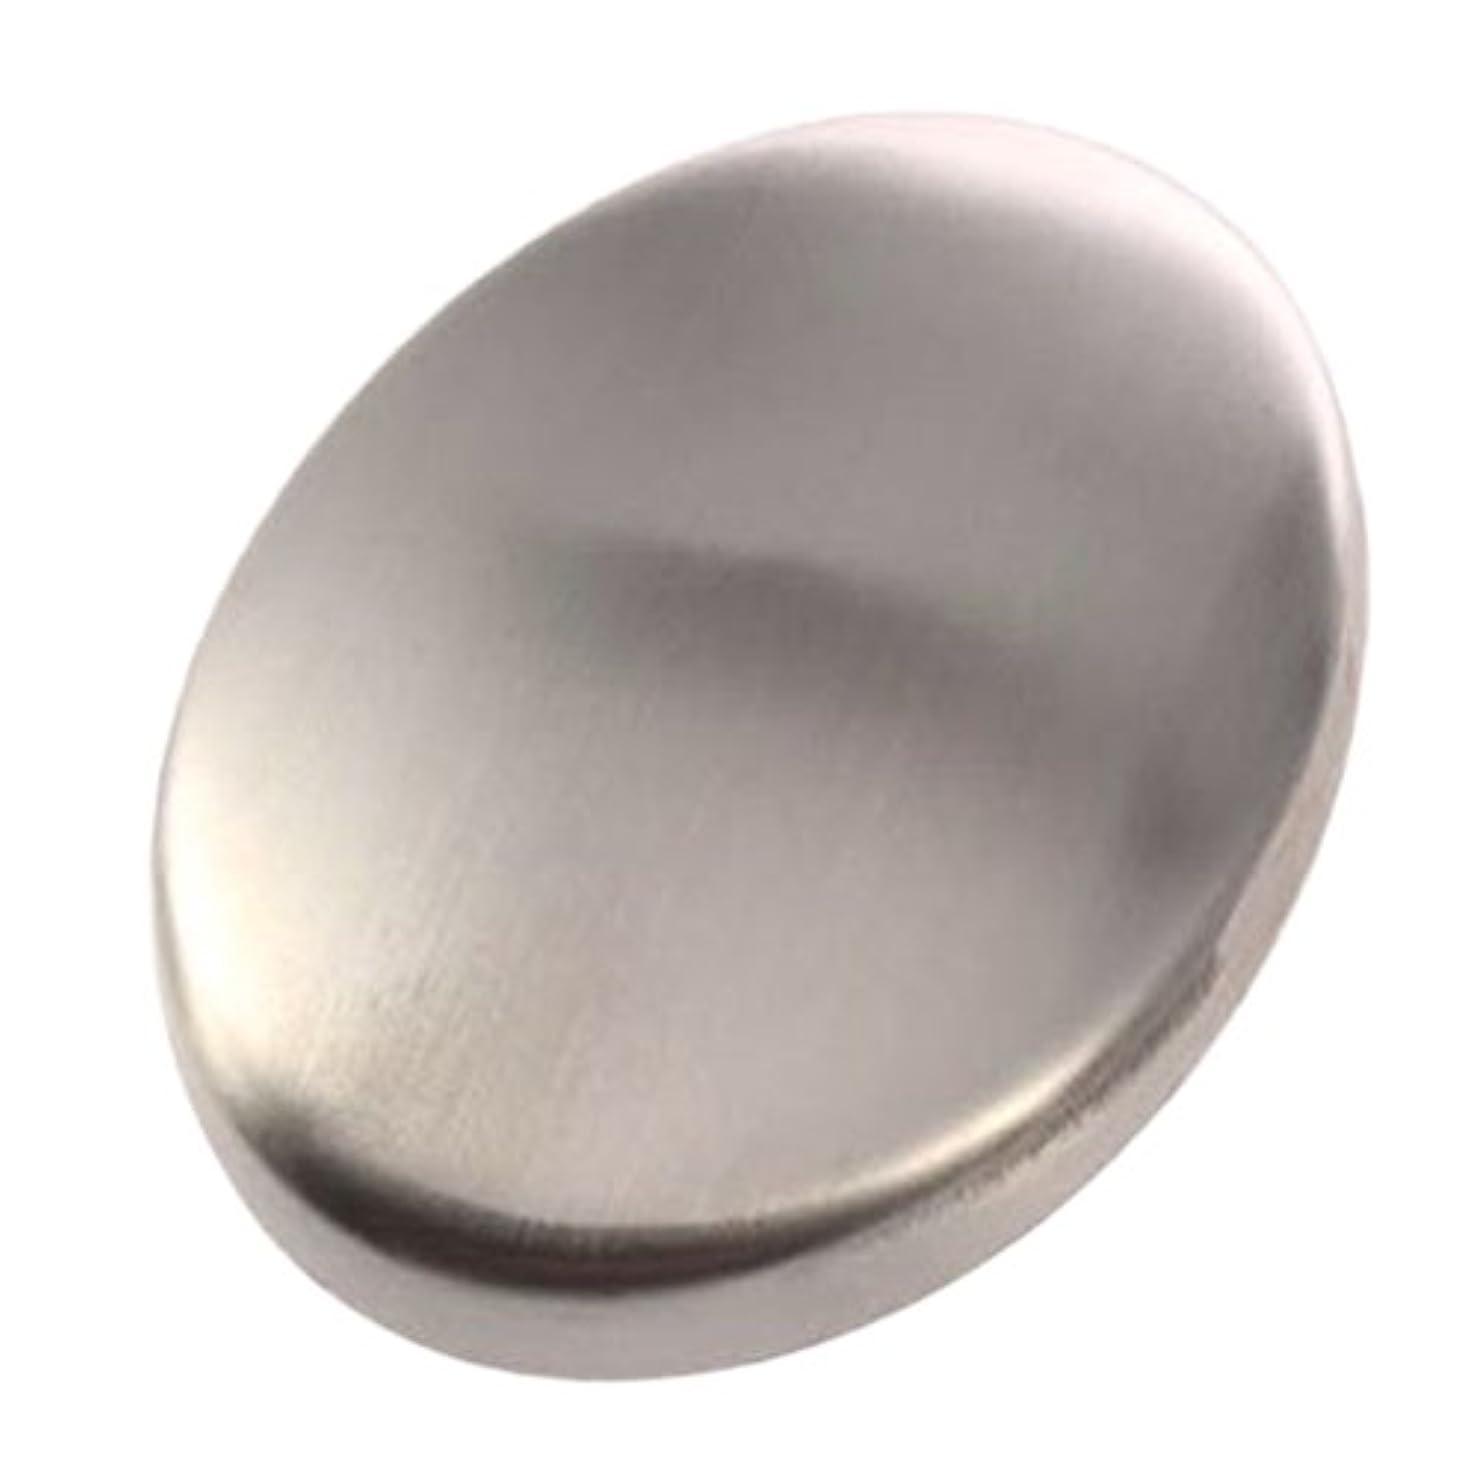 アーチ気難しい良いZafina ステンレスソープ 円形 においとりソープ 臭い取り ステンレス石鹸